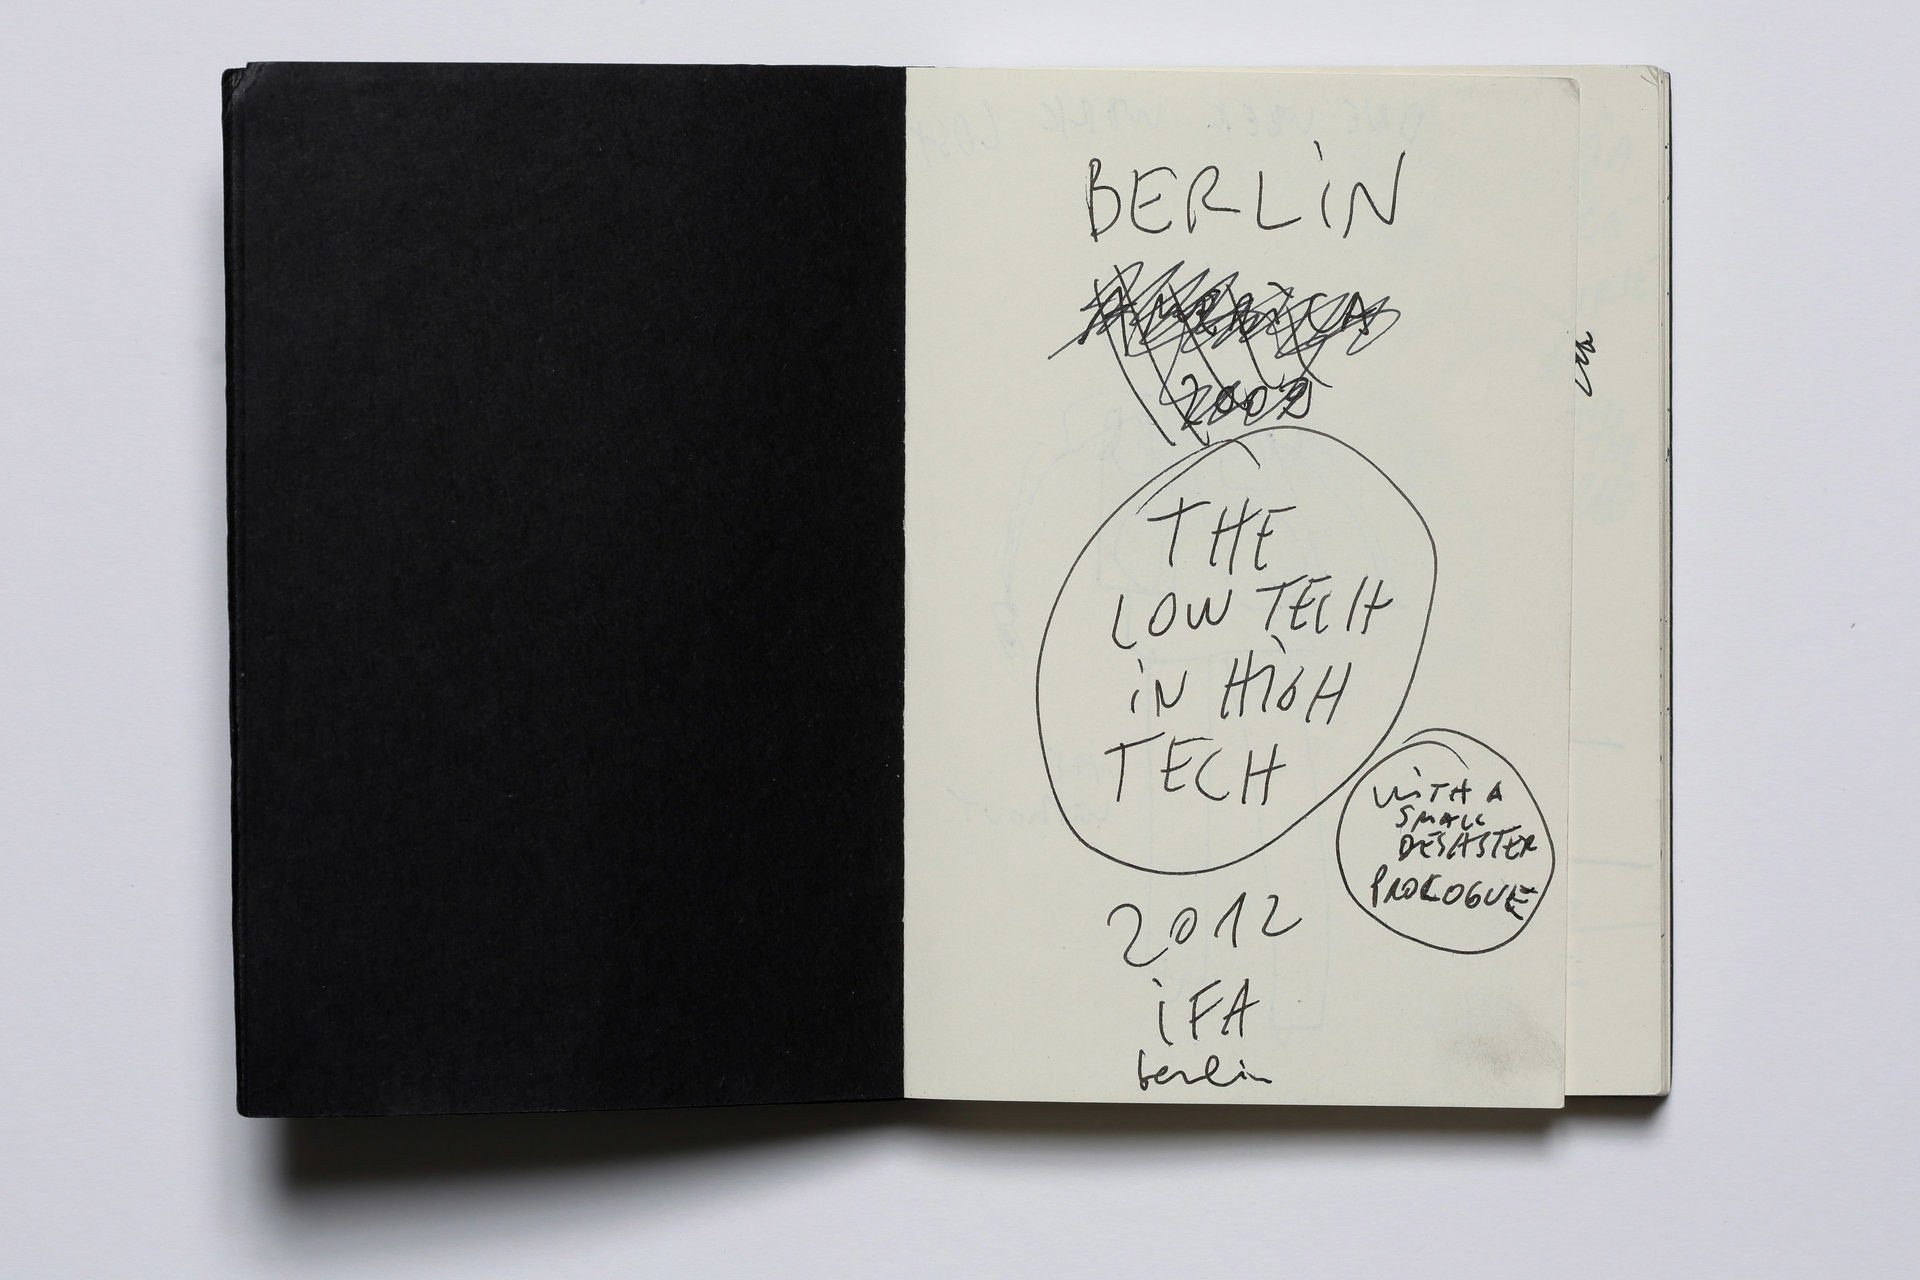 Dan Perjovschi, The Low Tech in High Tech, The IFA Berlin Notebook, 2012